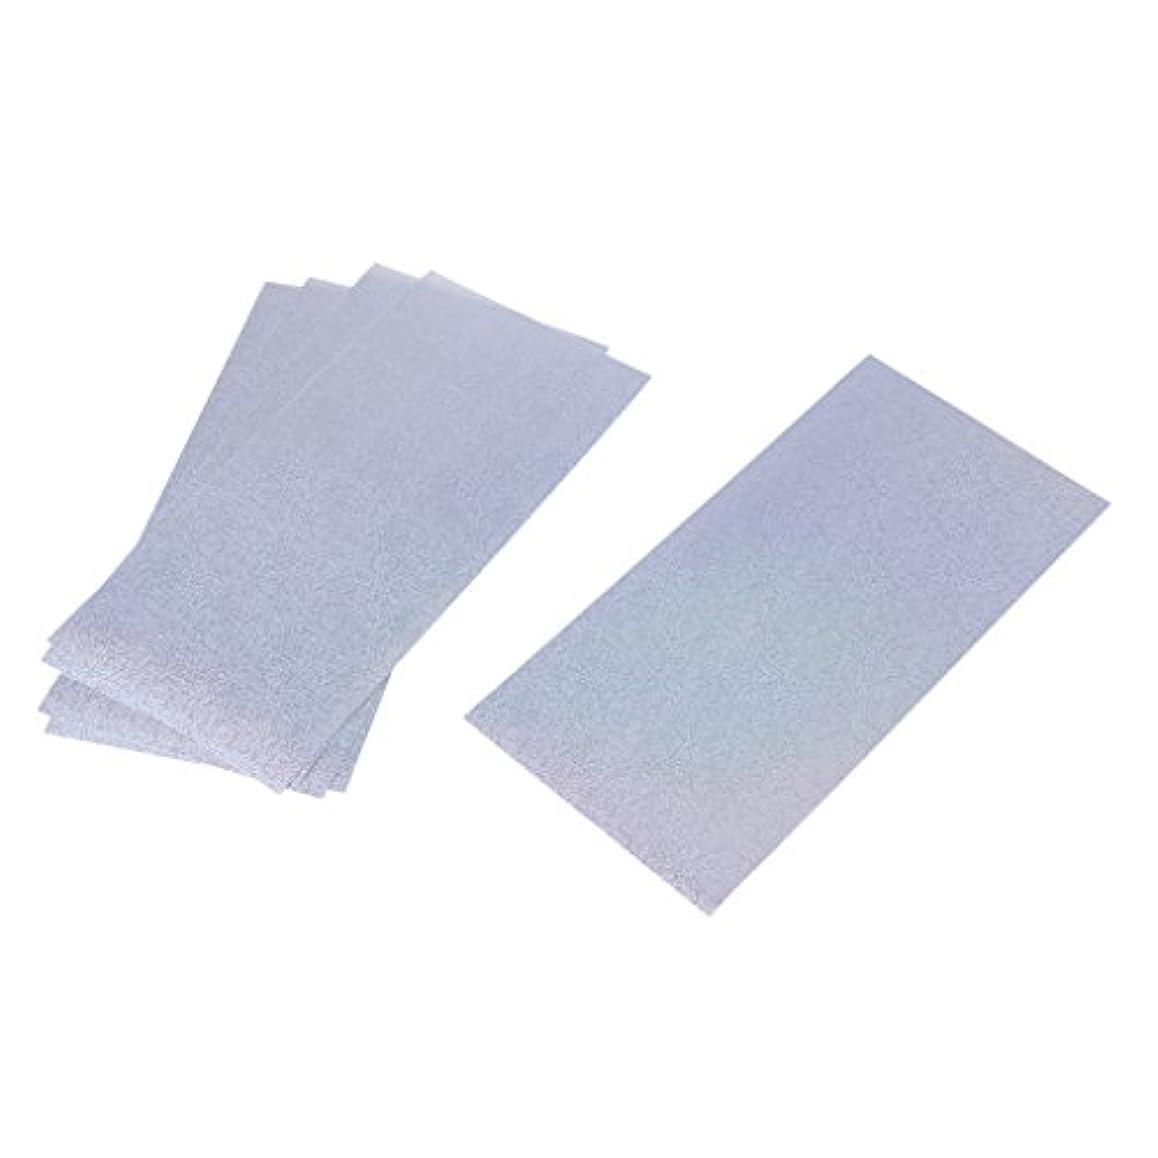 処方する振り子公平Fenteer 釣りルアーテープ 餌作り 反射テープ 防水 粘着 20x10cm 5枚